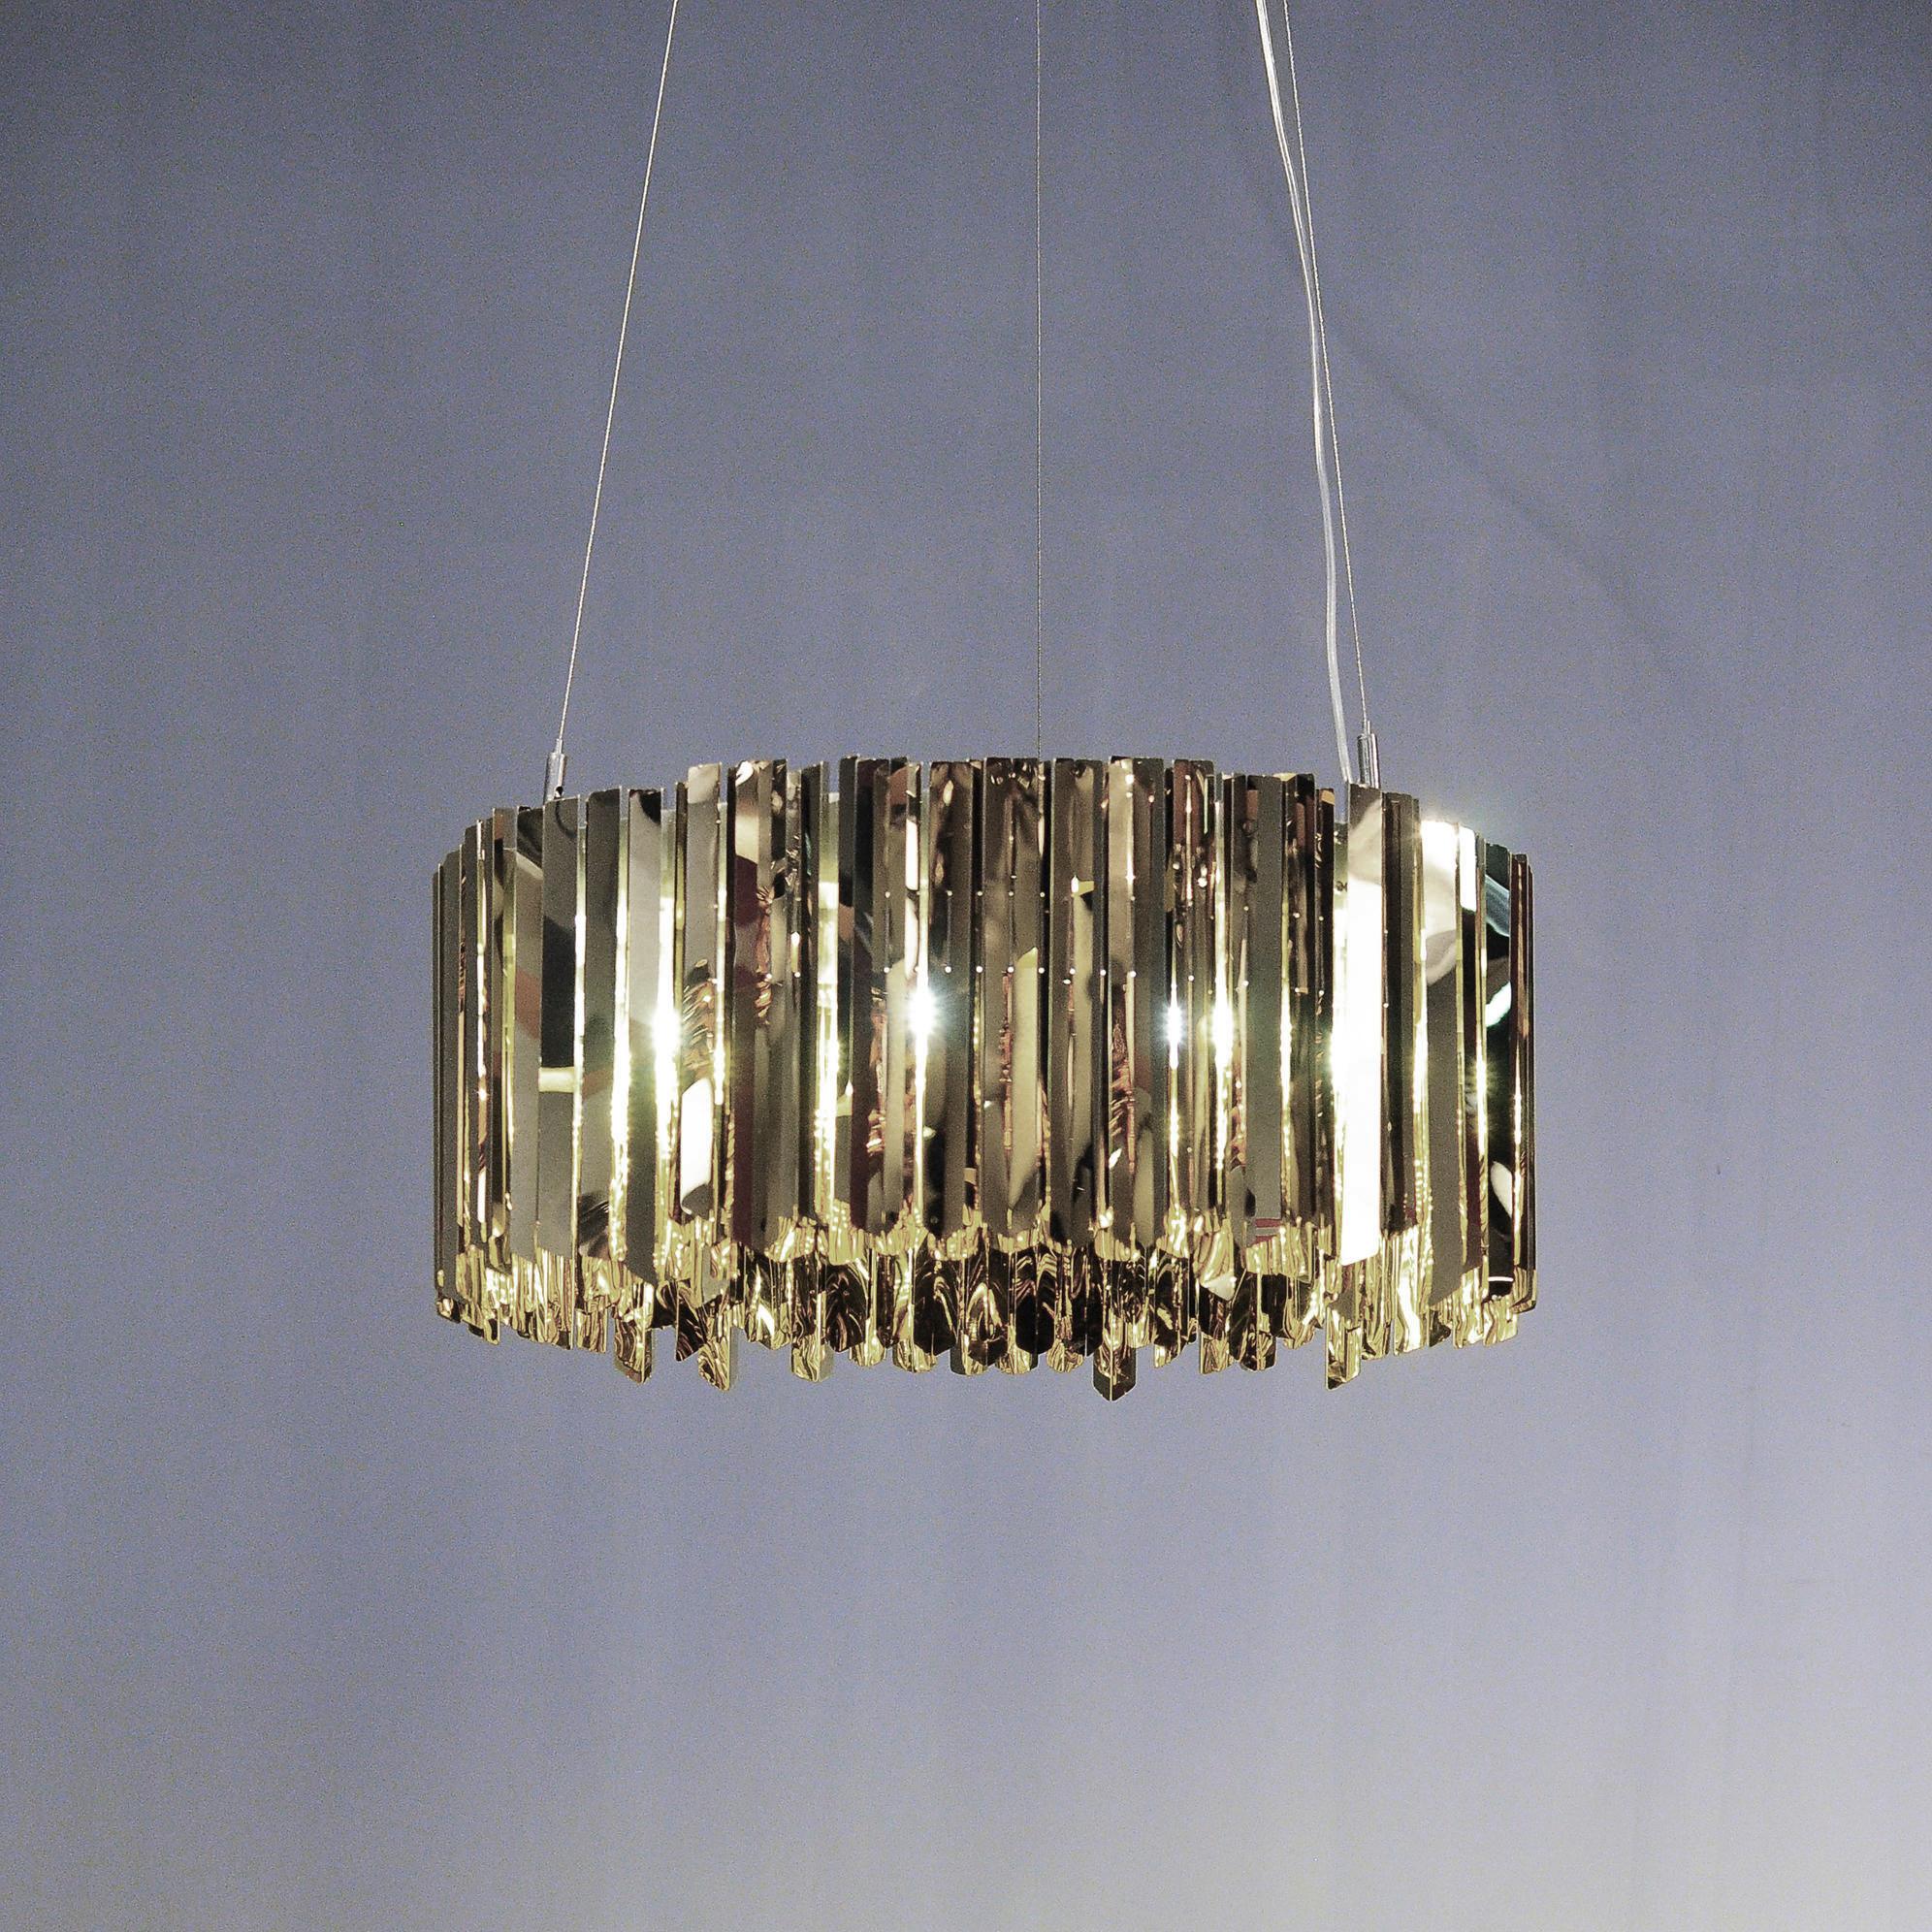 Подвесной светильник копия Tom Kirk Facet by Innermost D100 (серебряный)